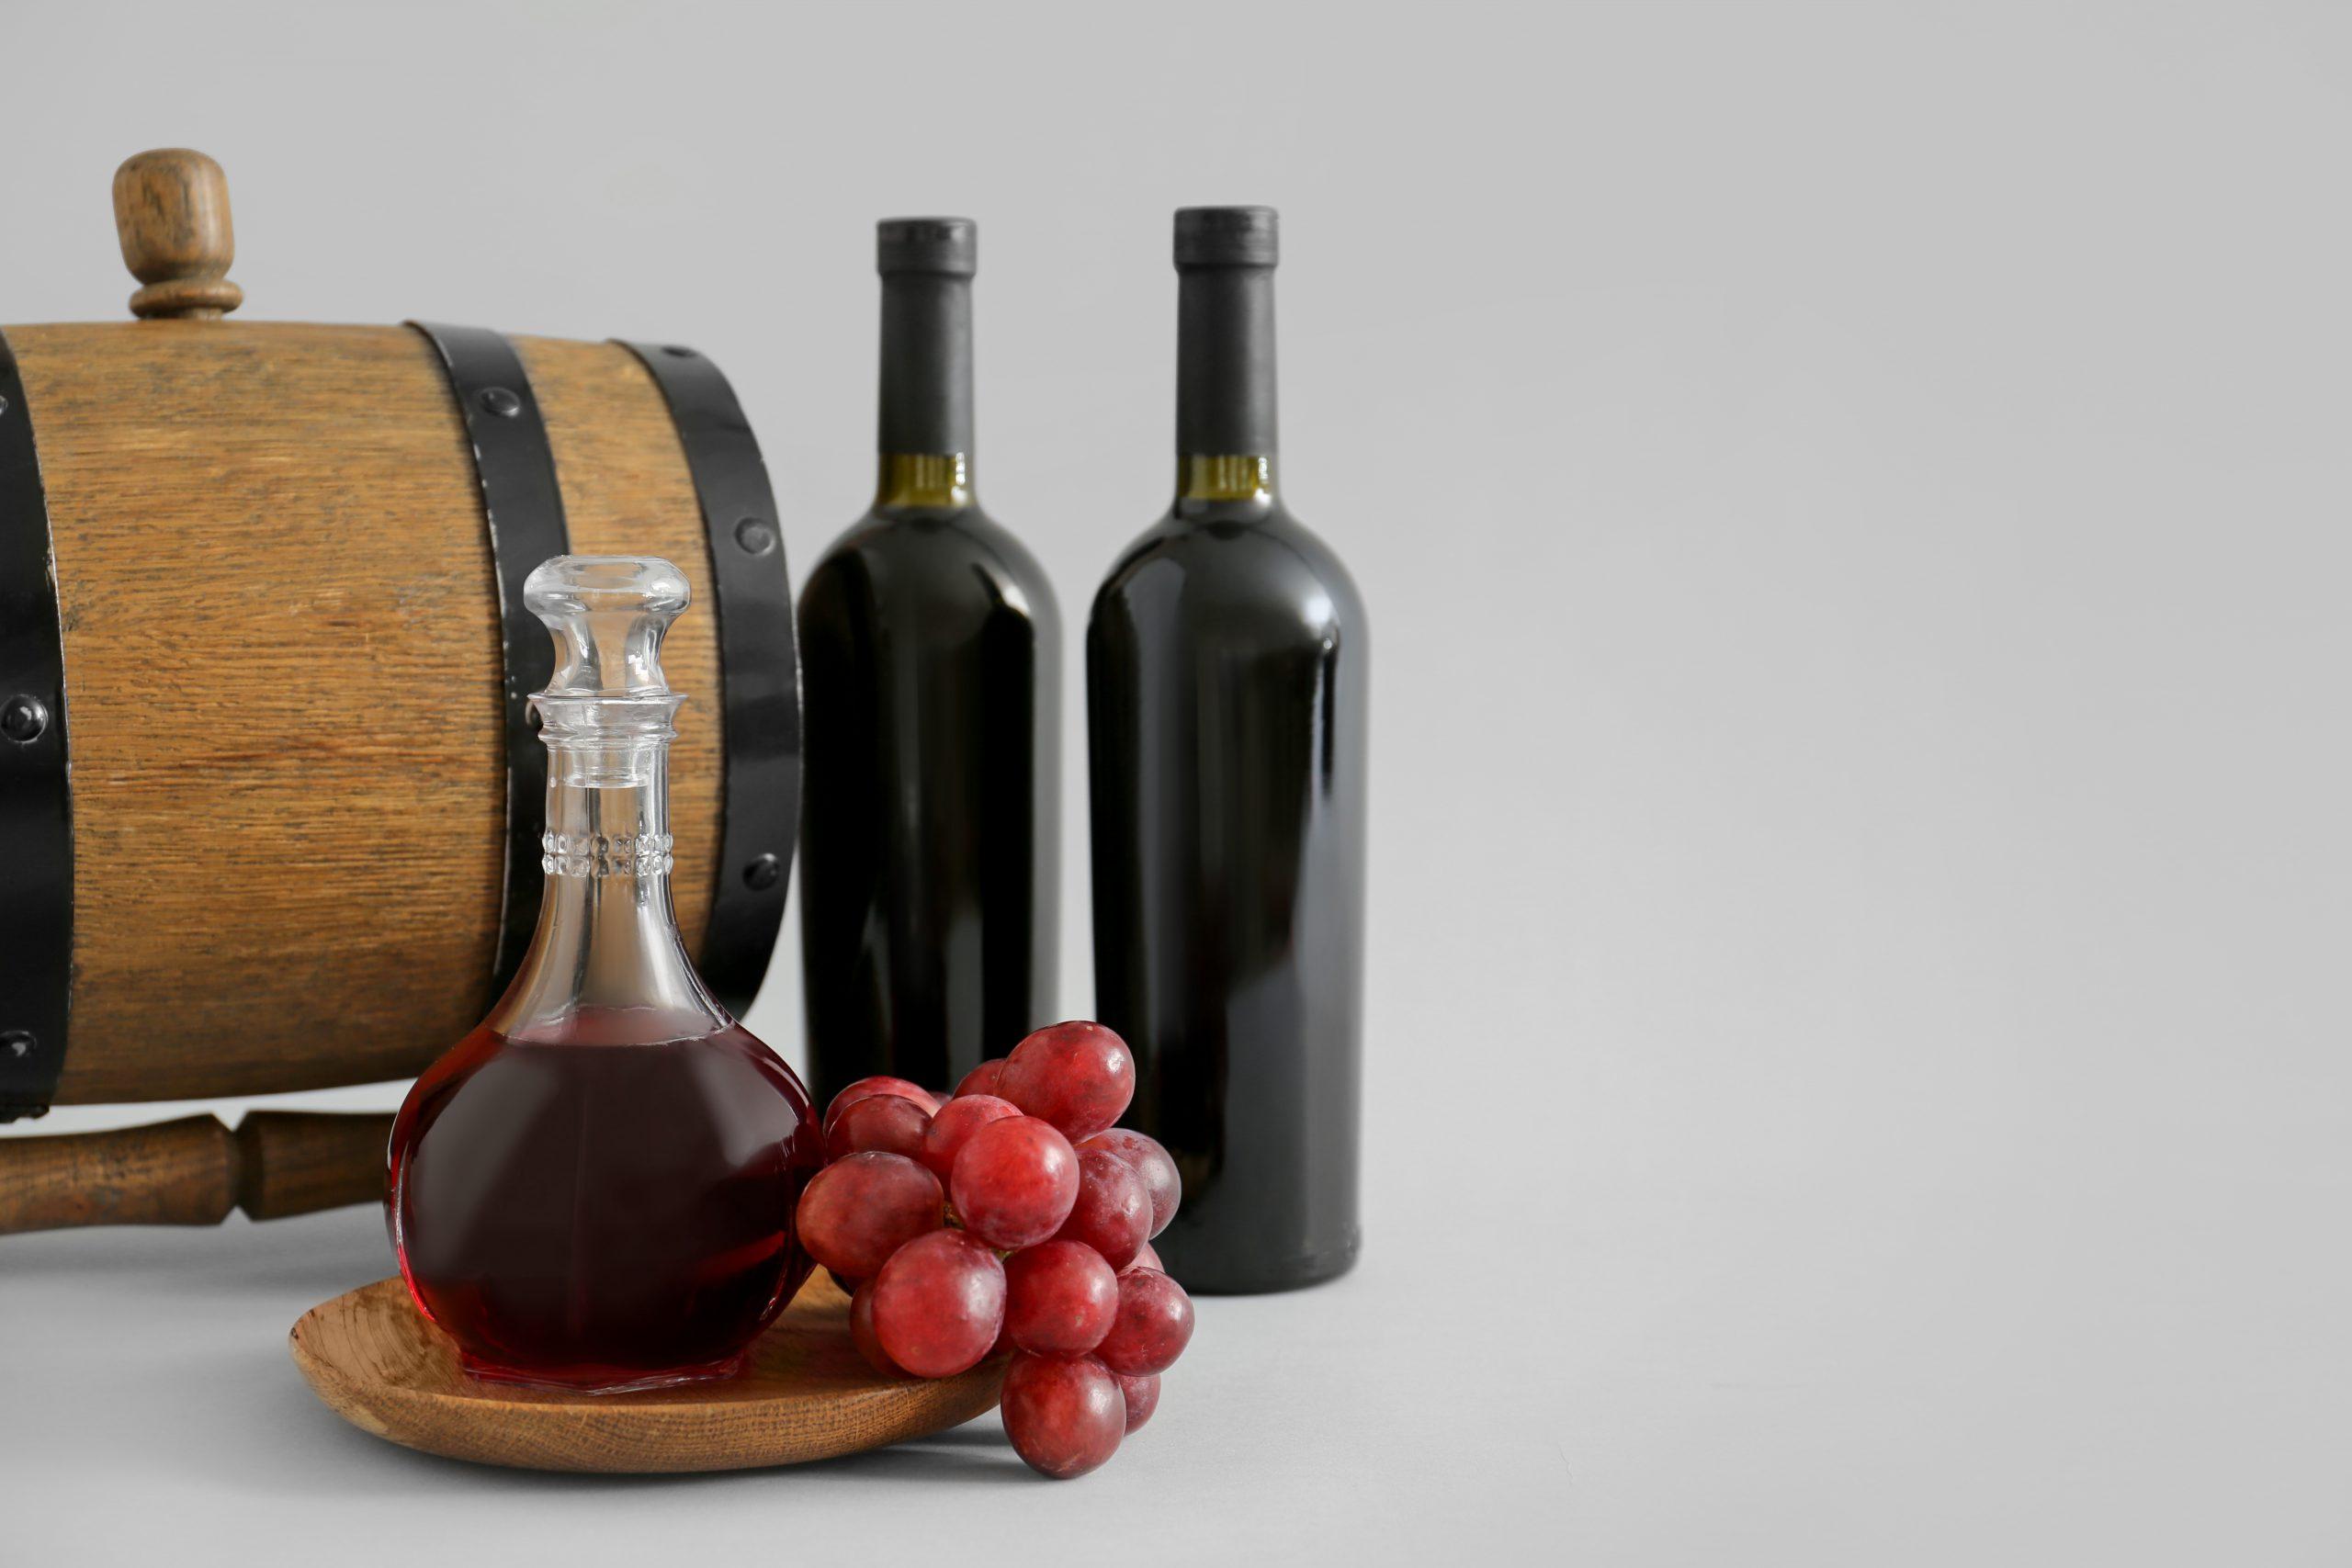 デキャンタとは?ワインをデキャンタージュする方法を徹底解説!